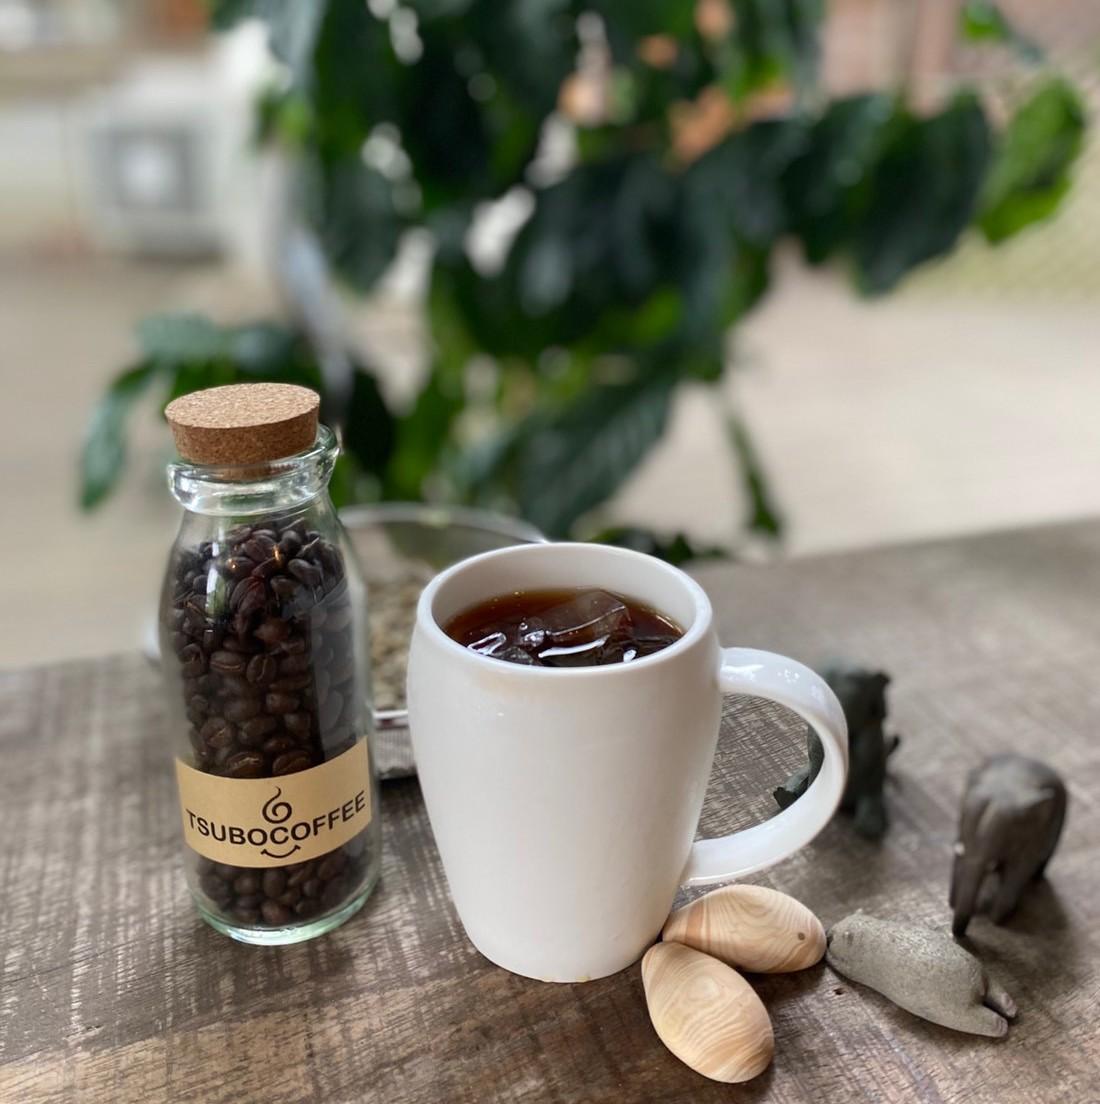 コーヒーを売らないコーヒー屋?!